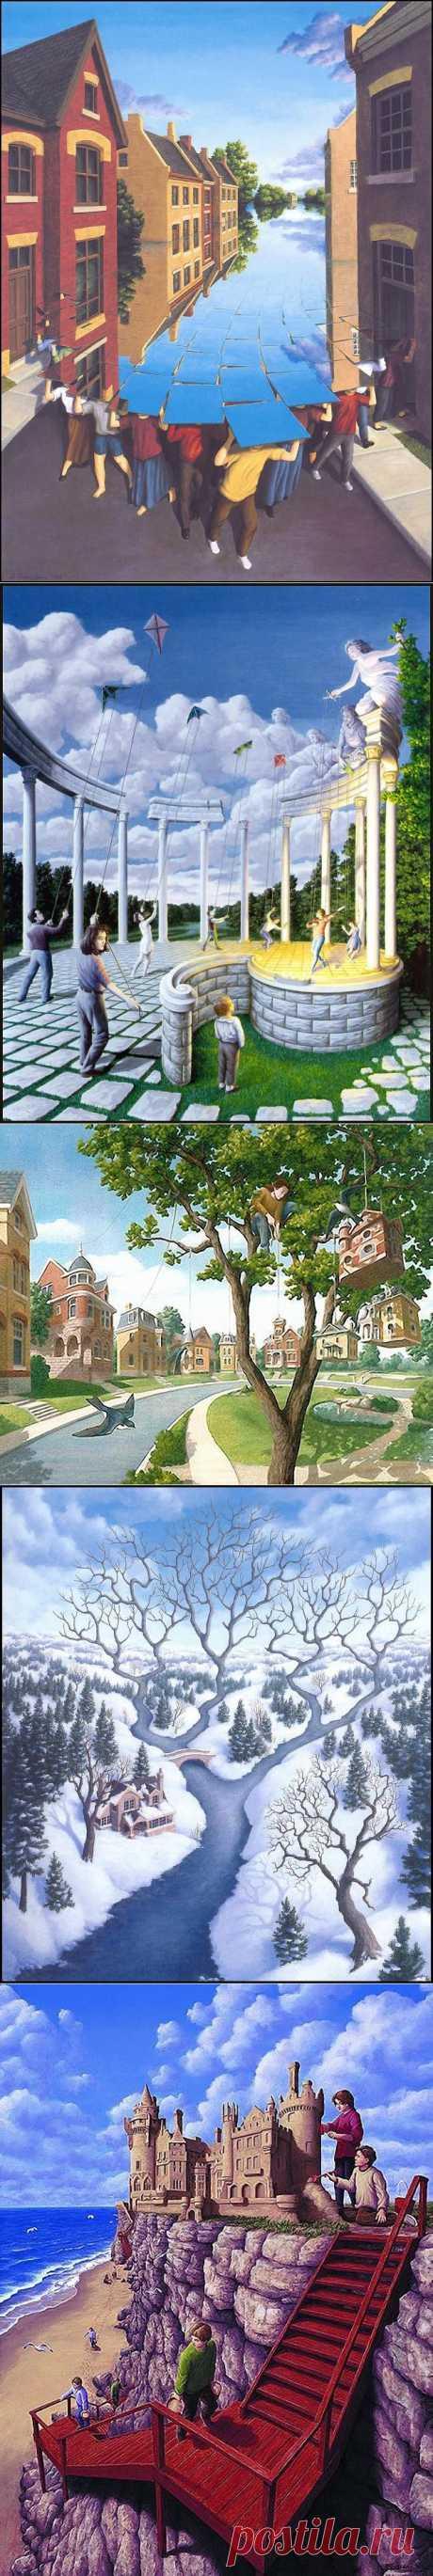 Магический реализм Роба Гонсалеса - Ярмарка Мастеров - ручная работа, handmade